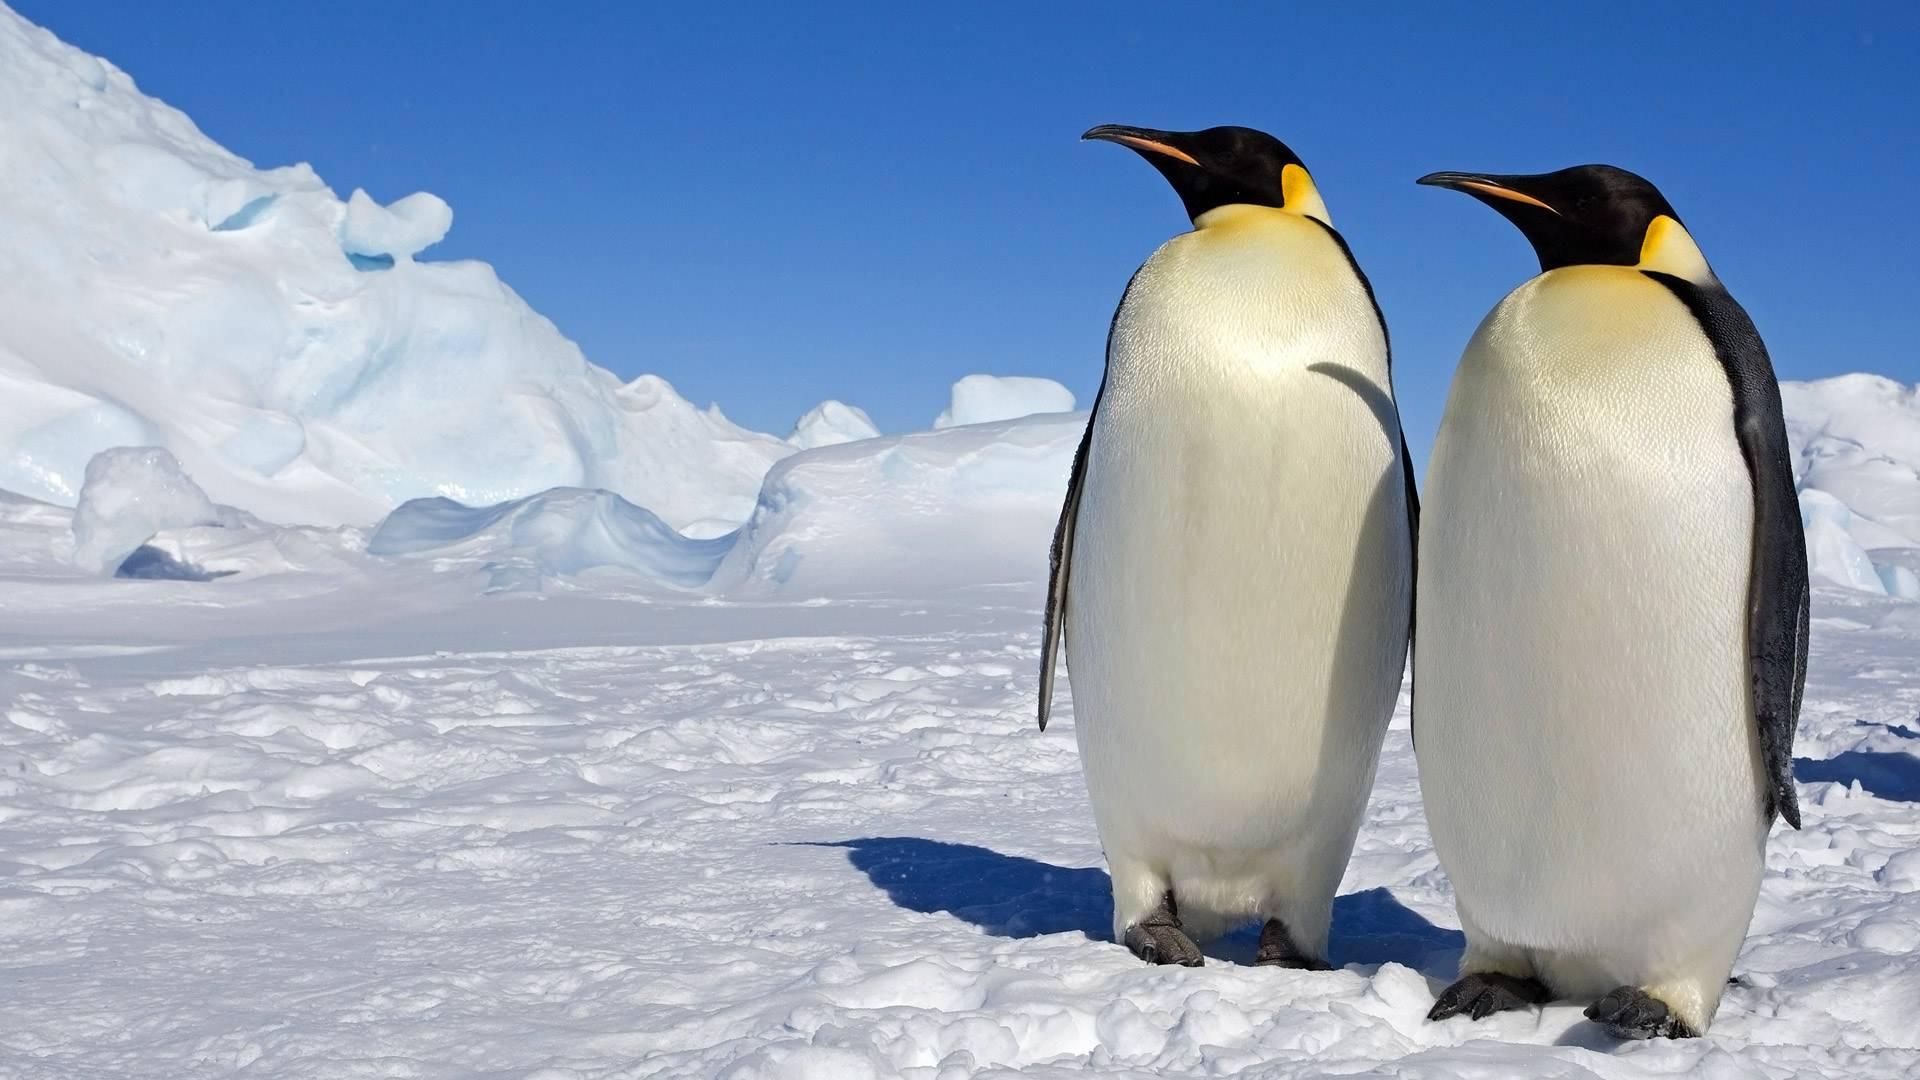 企鹅吃什么?爱吃鱼却尝不出味道-轻博客